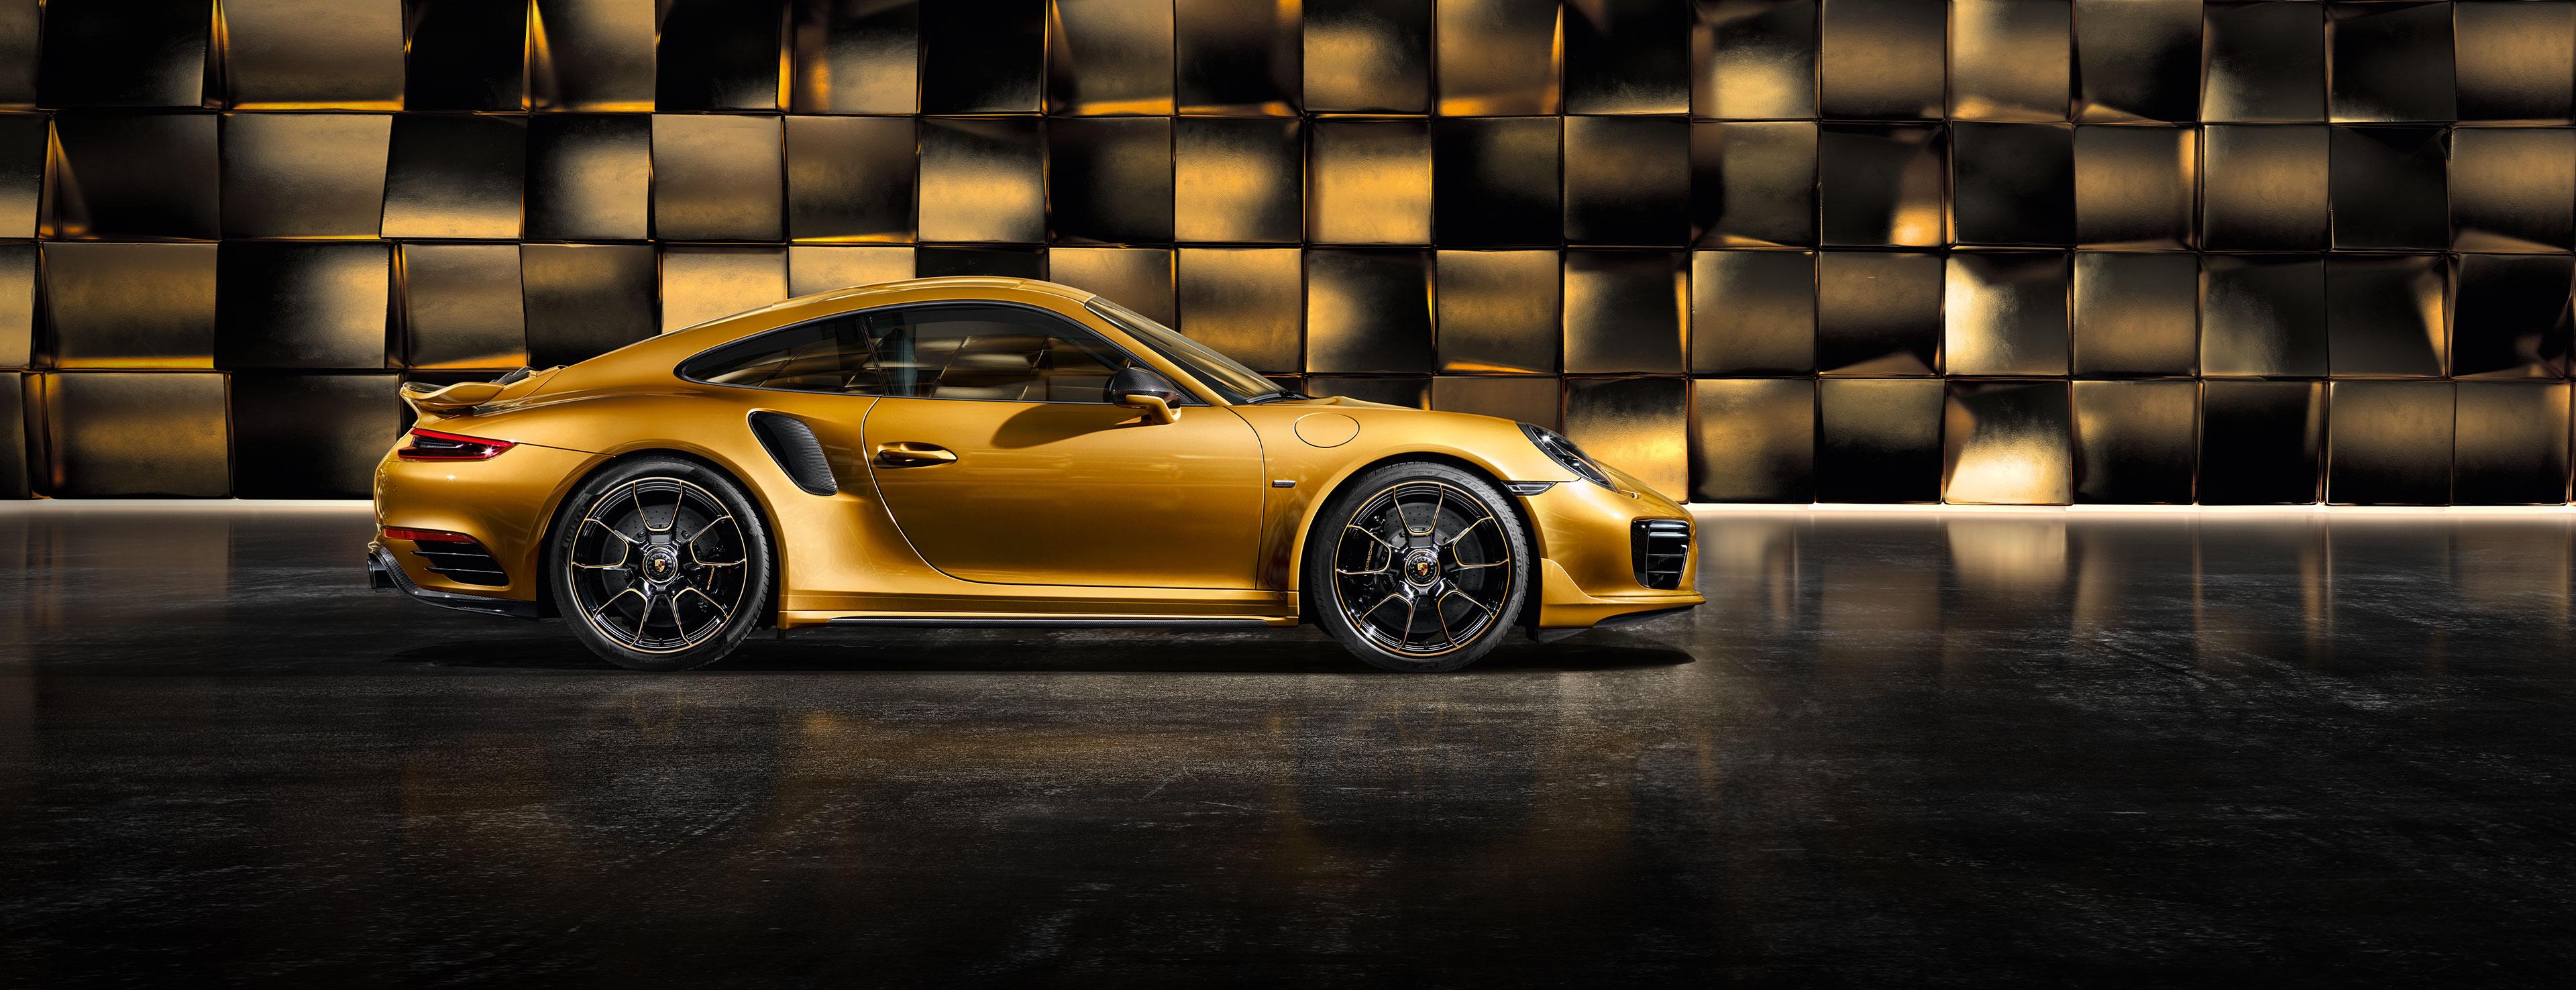 Porsche 911 Turbo S Exclusive Series Porsche Usa